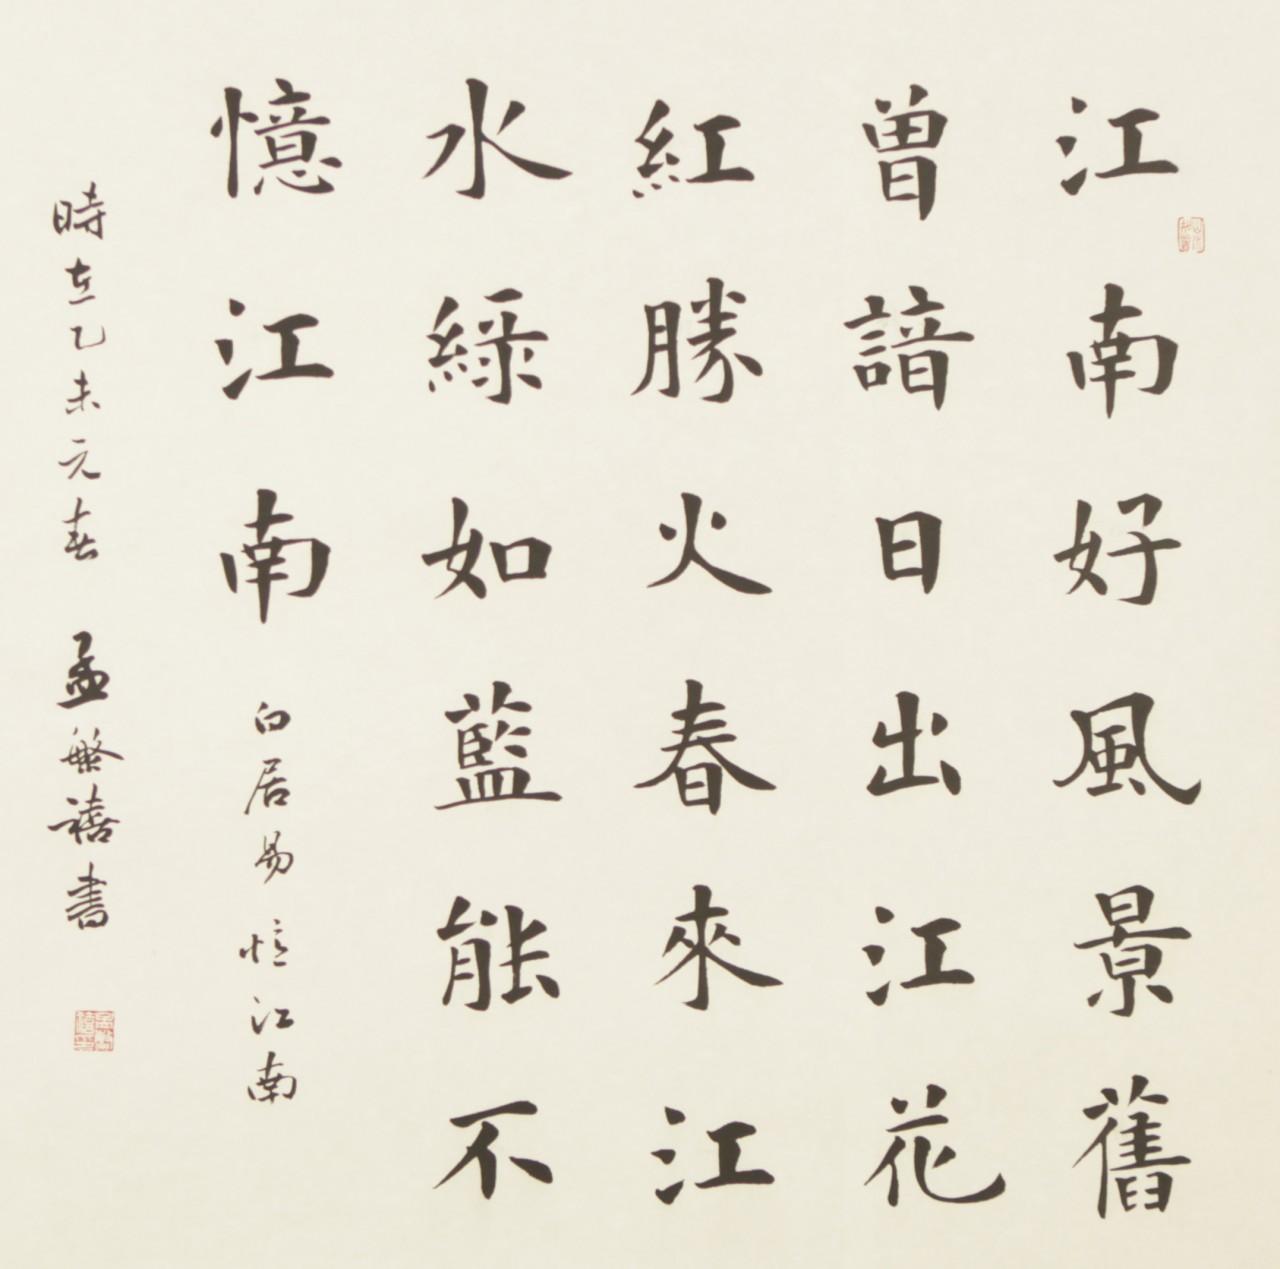 <strong>唐代白居易诗忆江南江南好书法作品欣赏</strong>